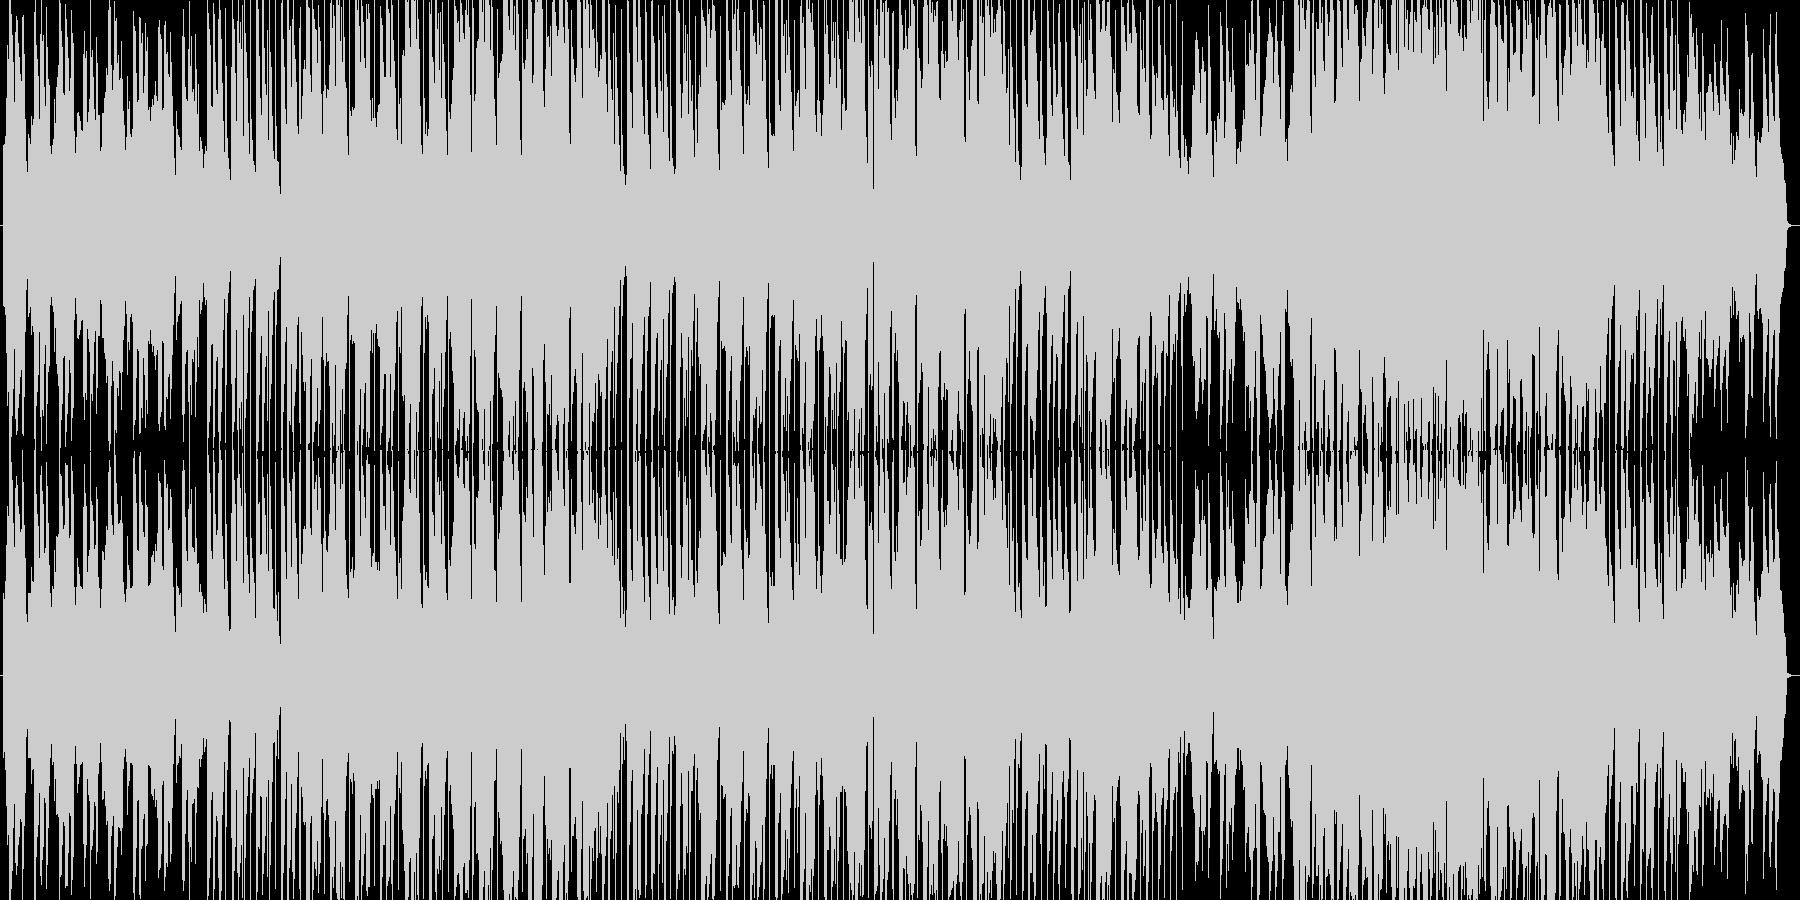 女性の柔らかい声のバラードの未再生の波形